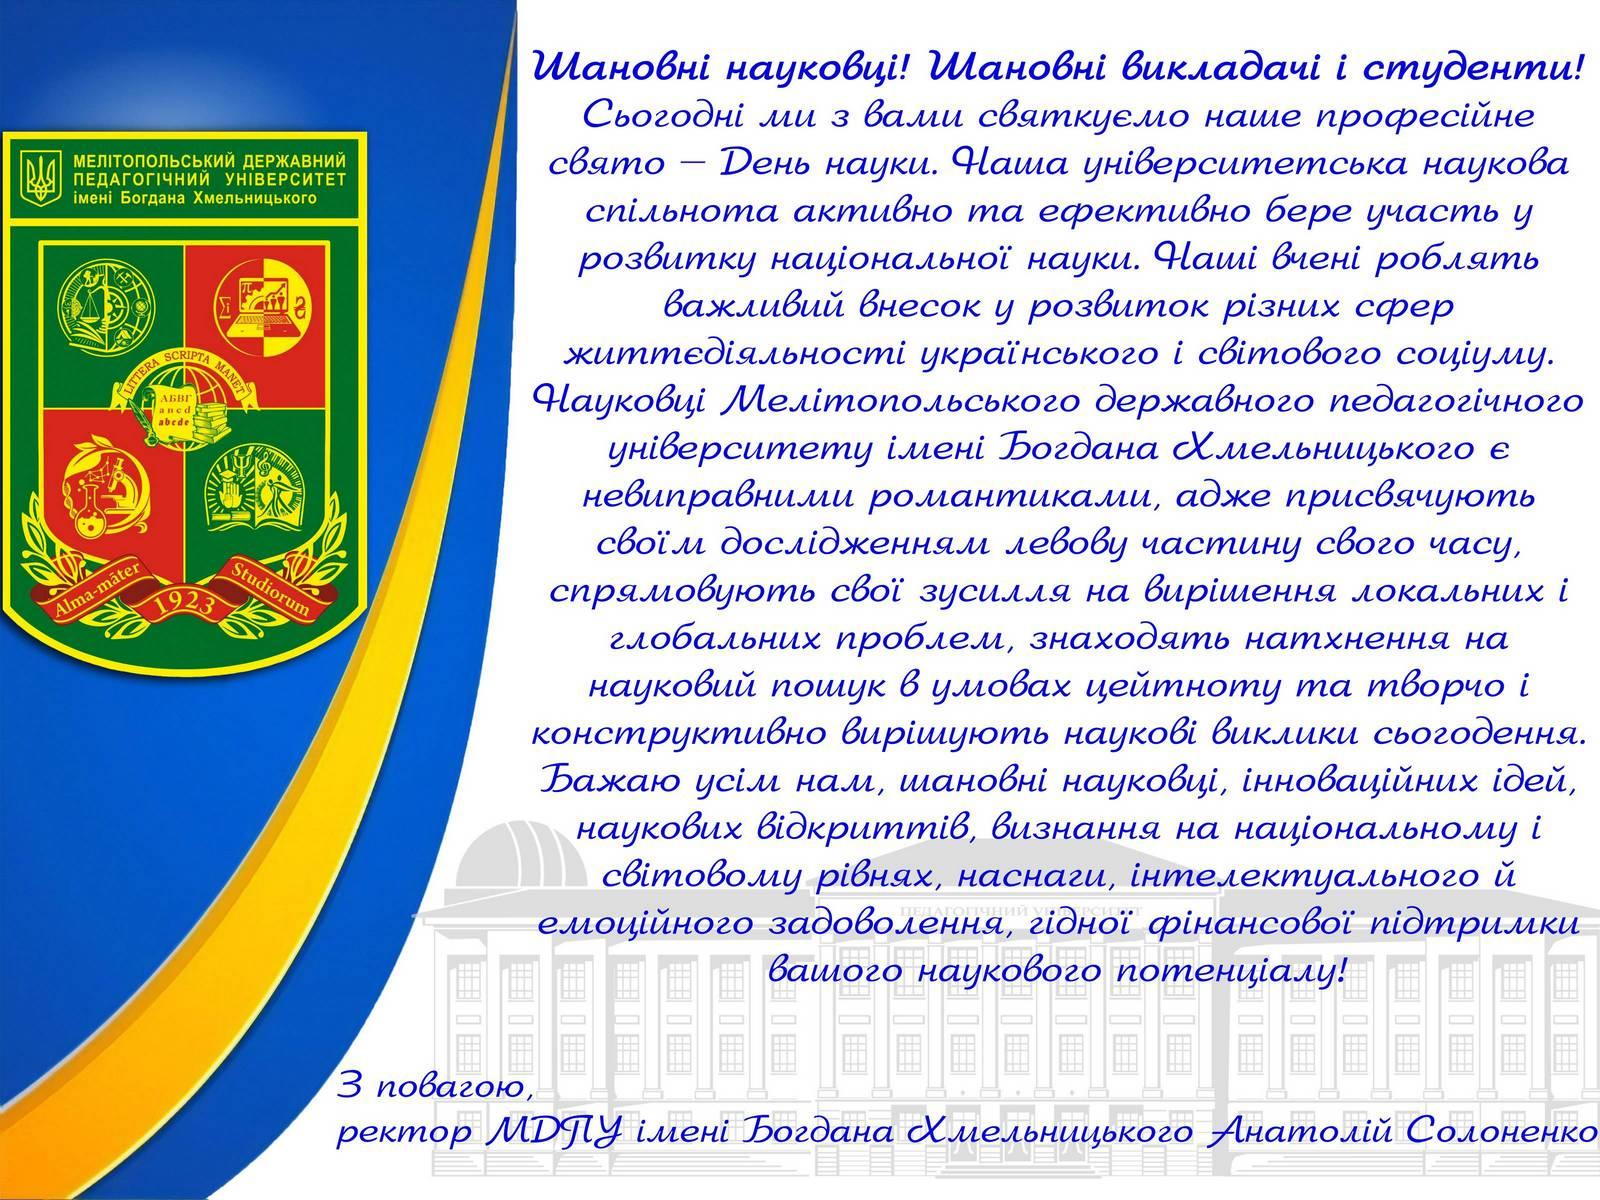 Привітання ректора А.Солоненка до Дня науки